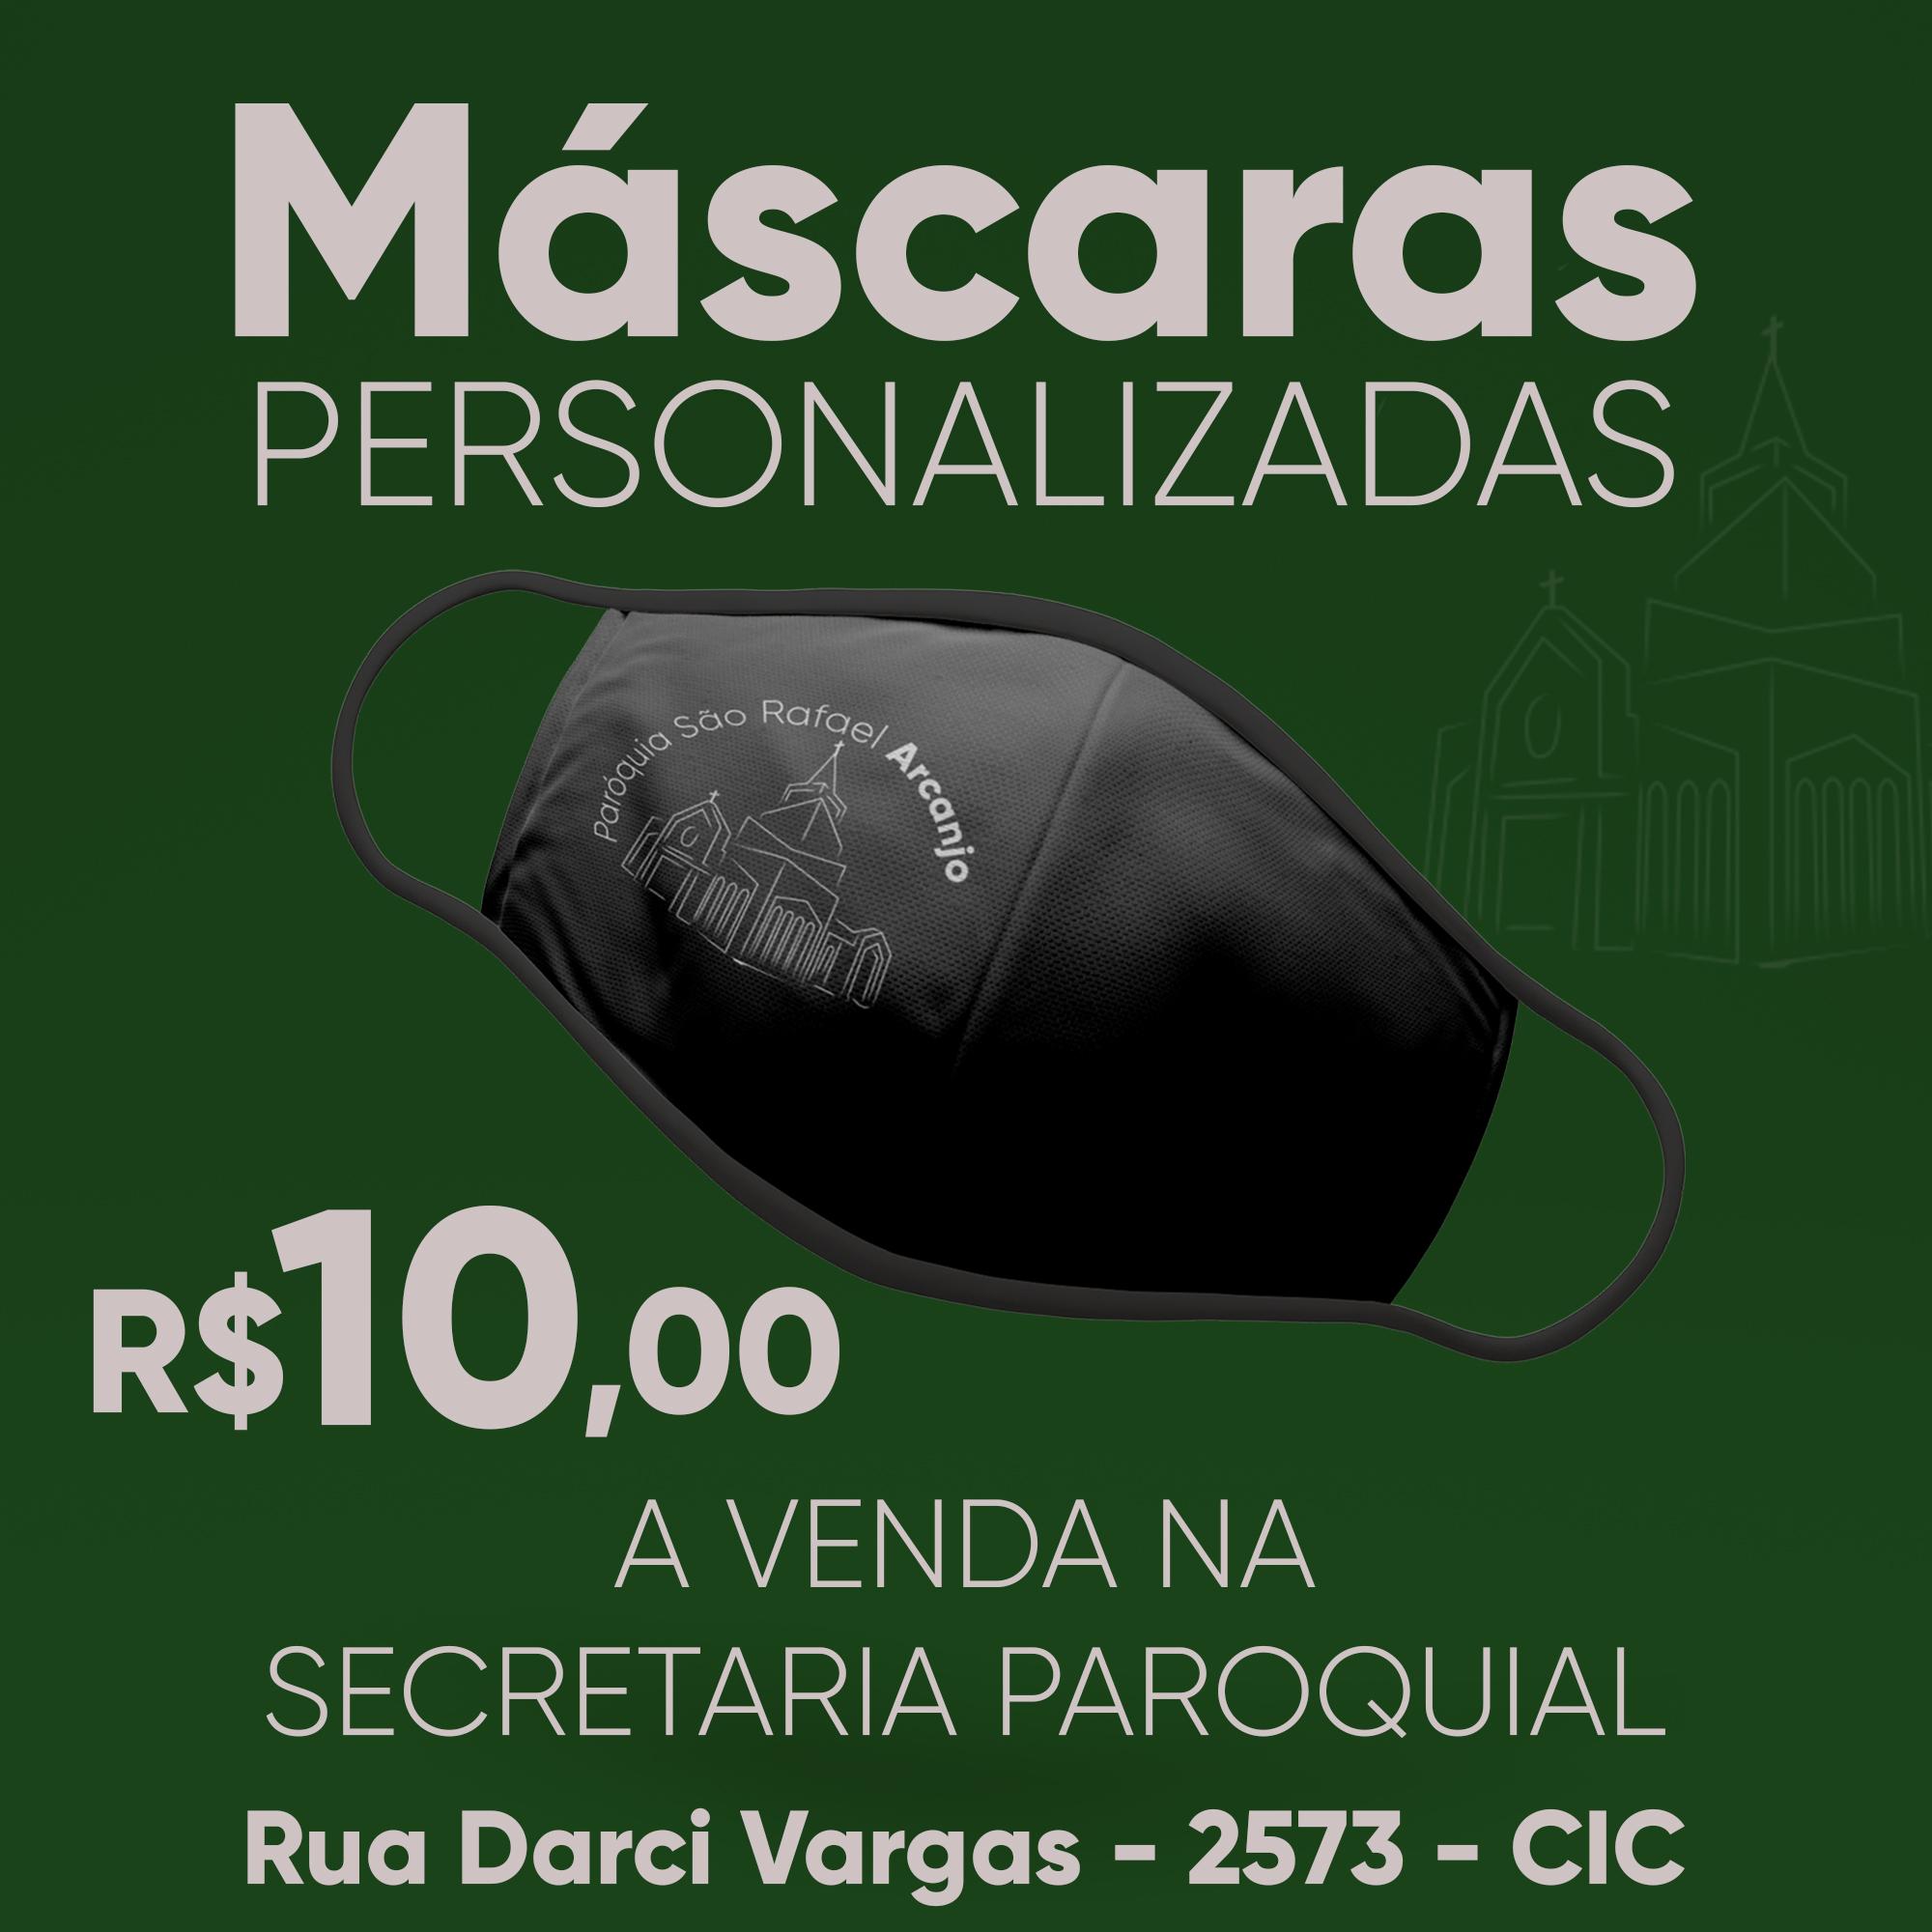 Temos máscaras personalizadas a venda!